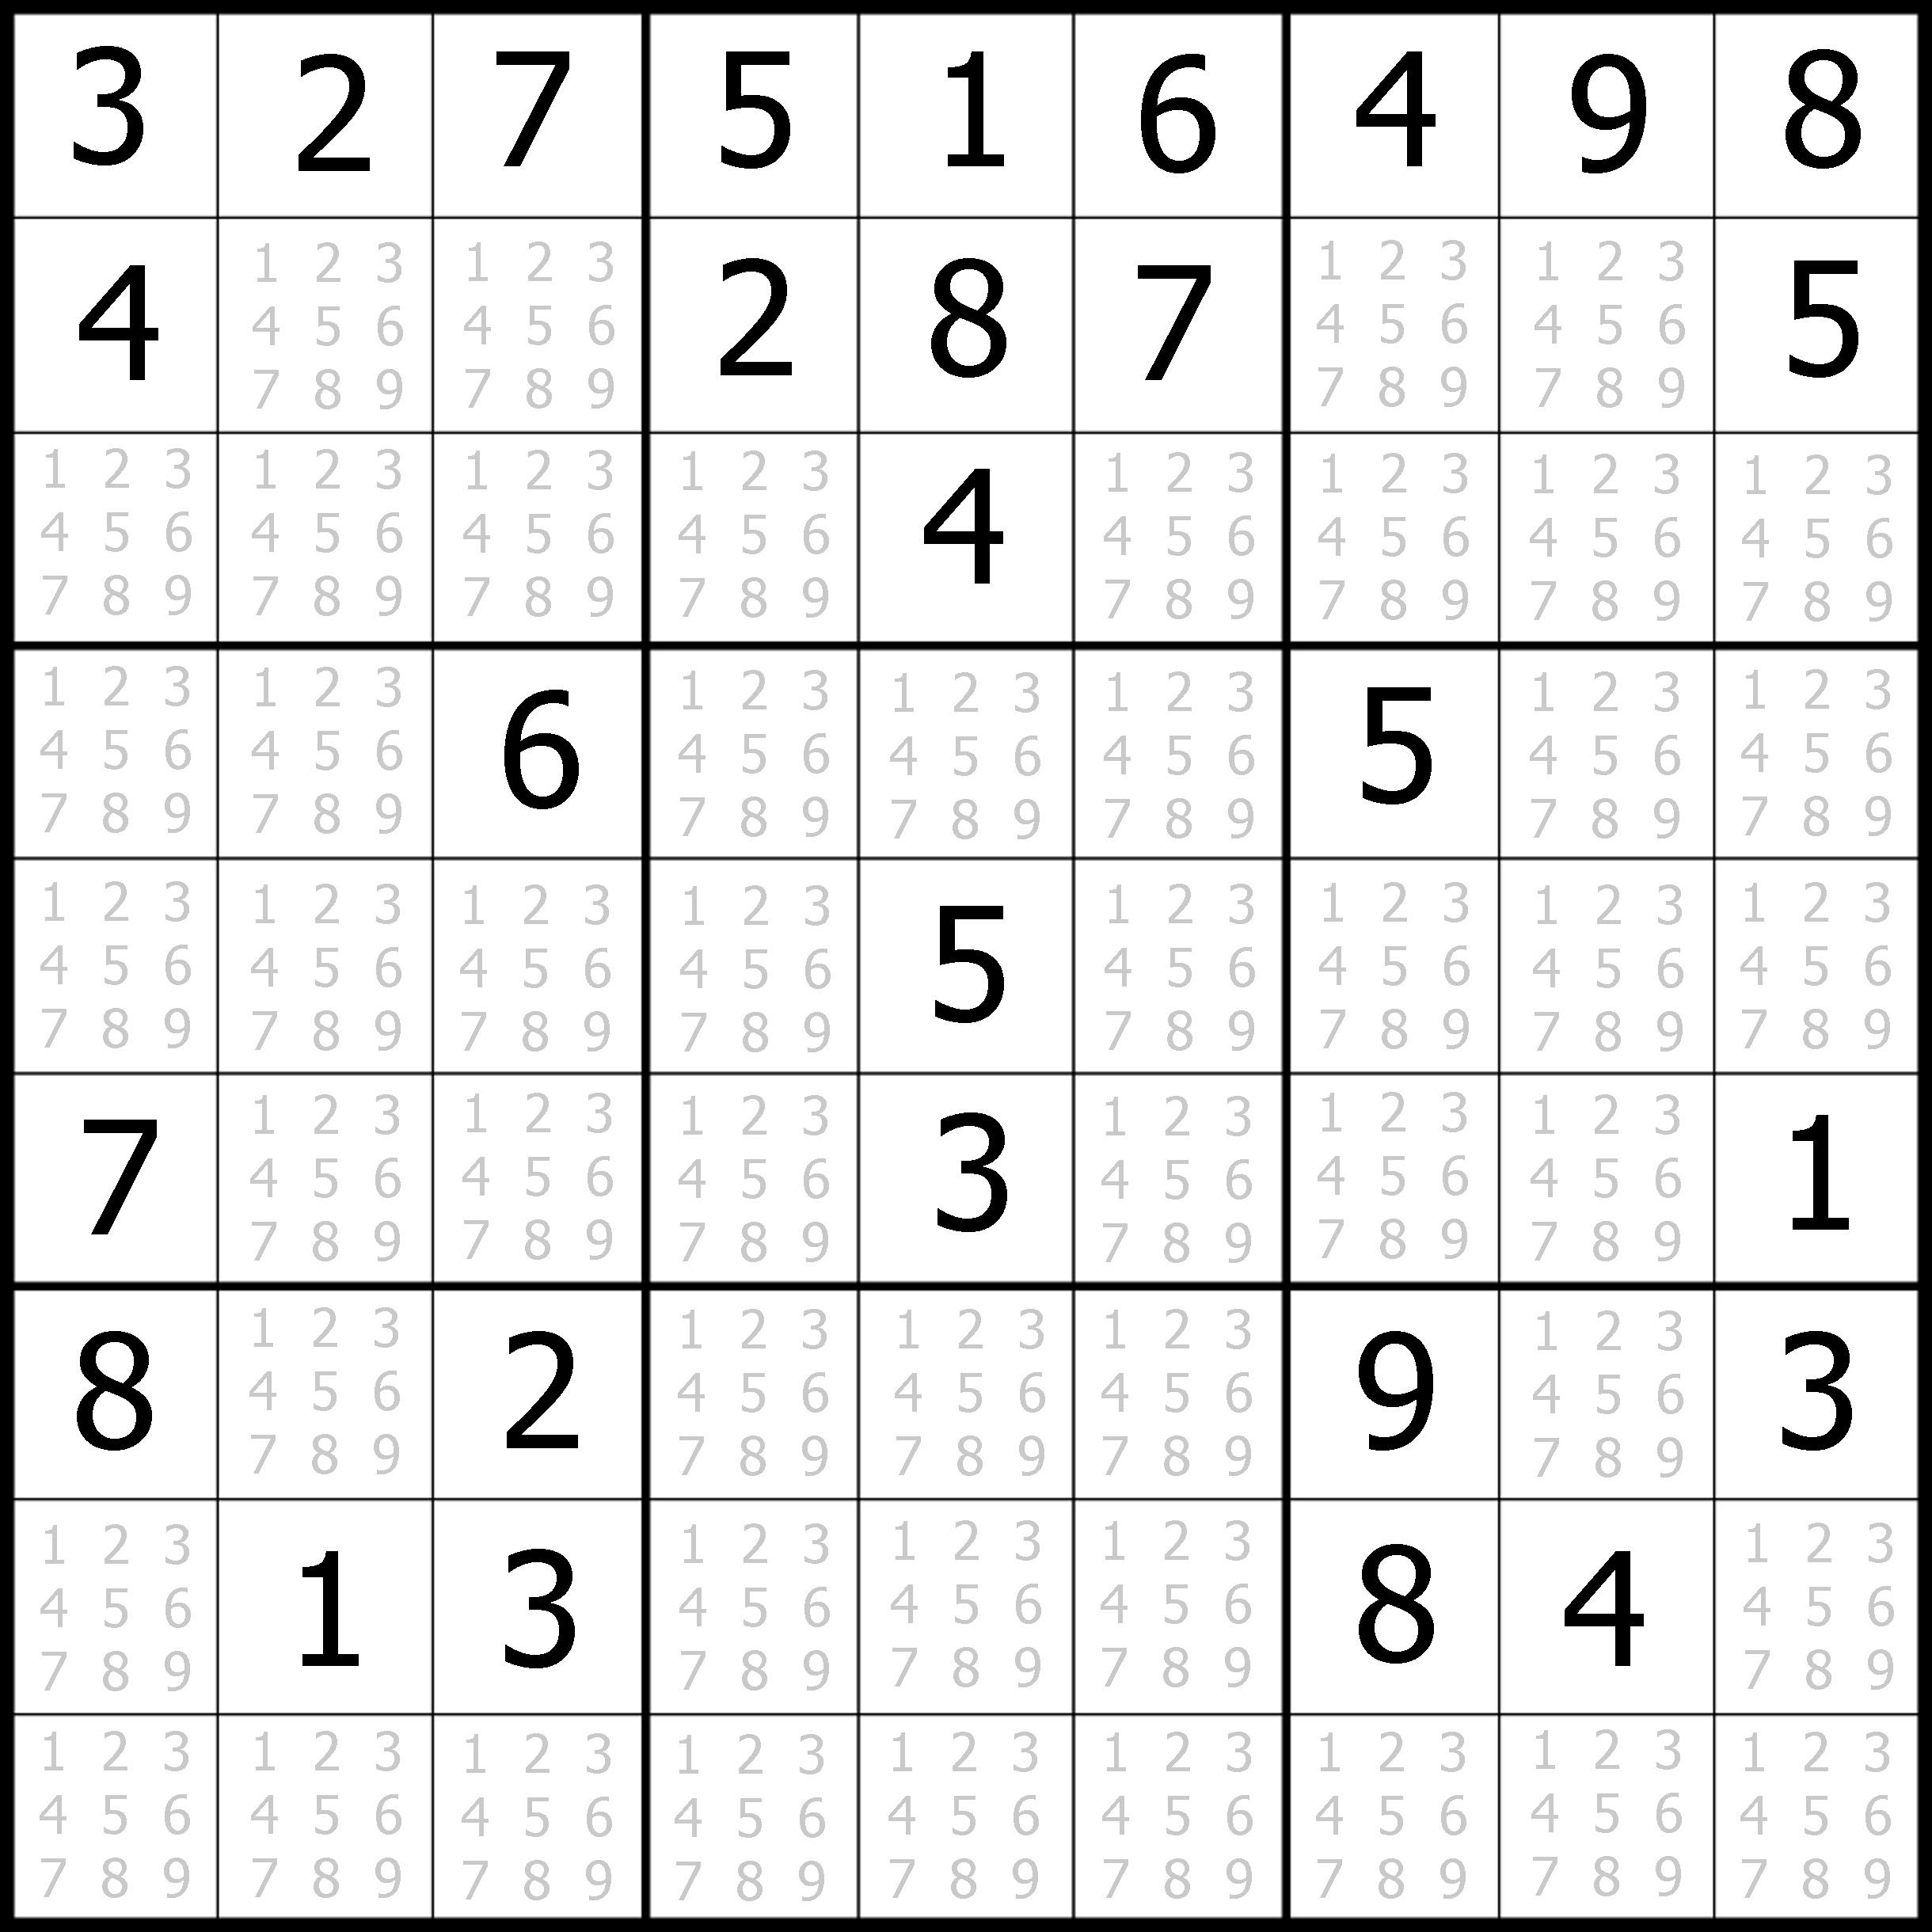 Sudoku Printable   Free, Medium, Printable Sudoku Puzzle #1   My - Printable Sudoku Puzzles For Adults